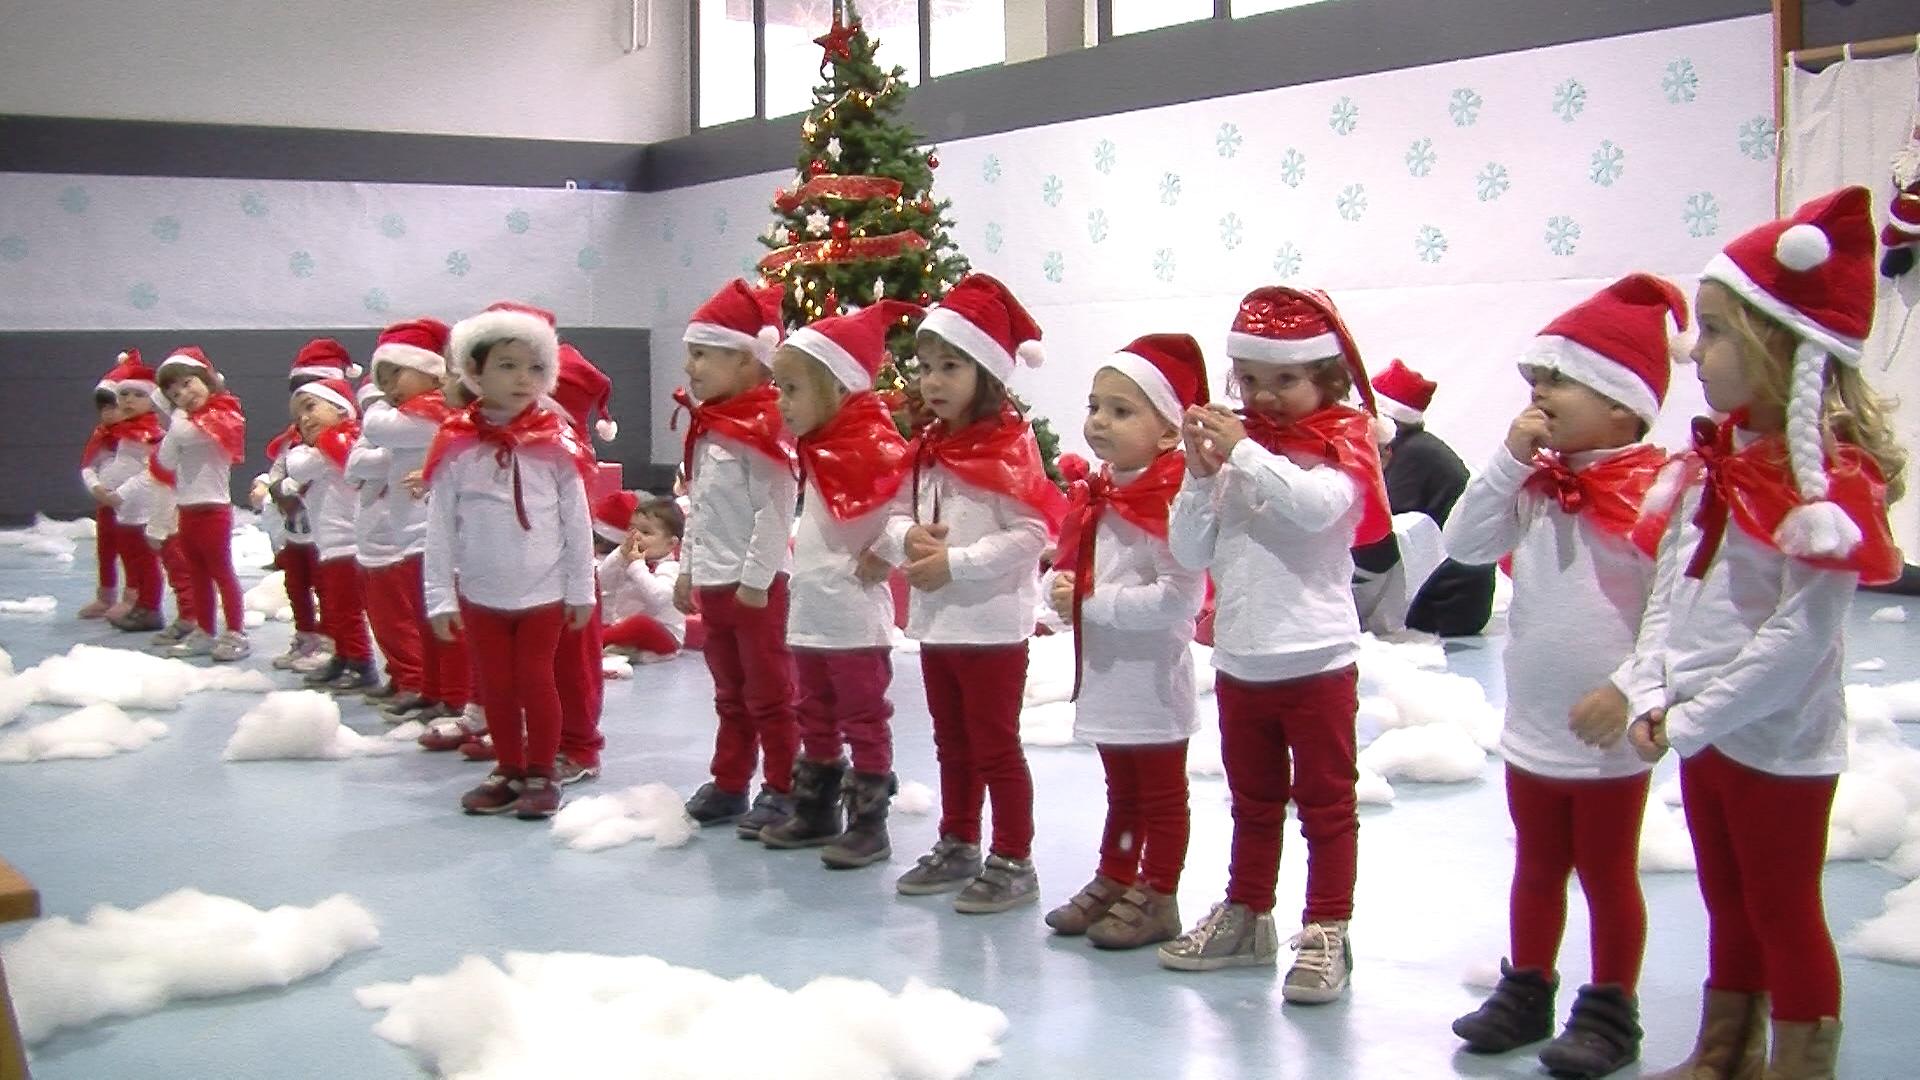 Conte de nadal.00_02_35_18.Imagen fija004